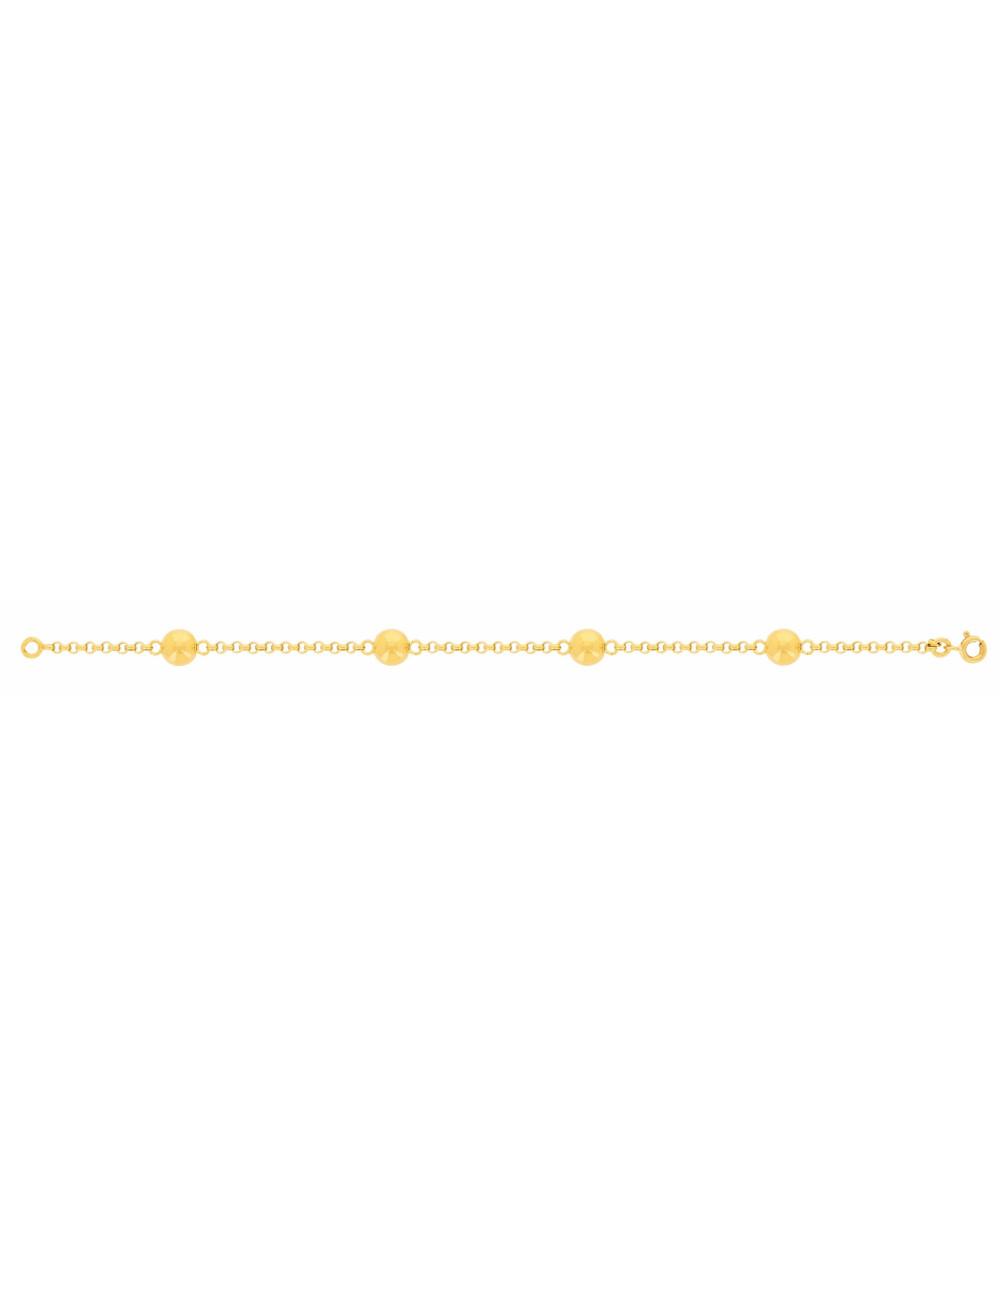 Bracelet femme bijoux or jaune pas cher